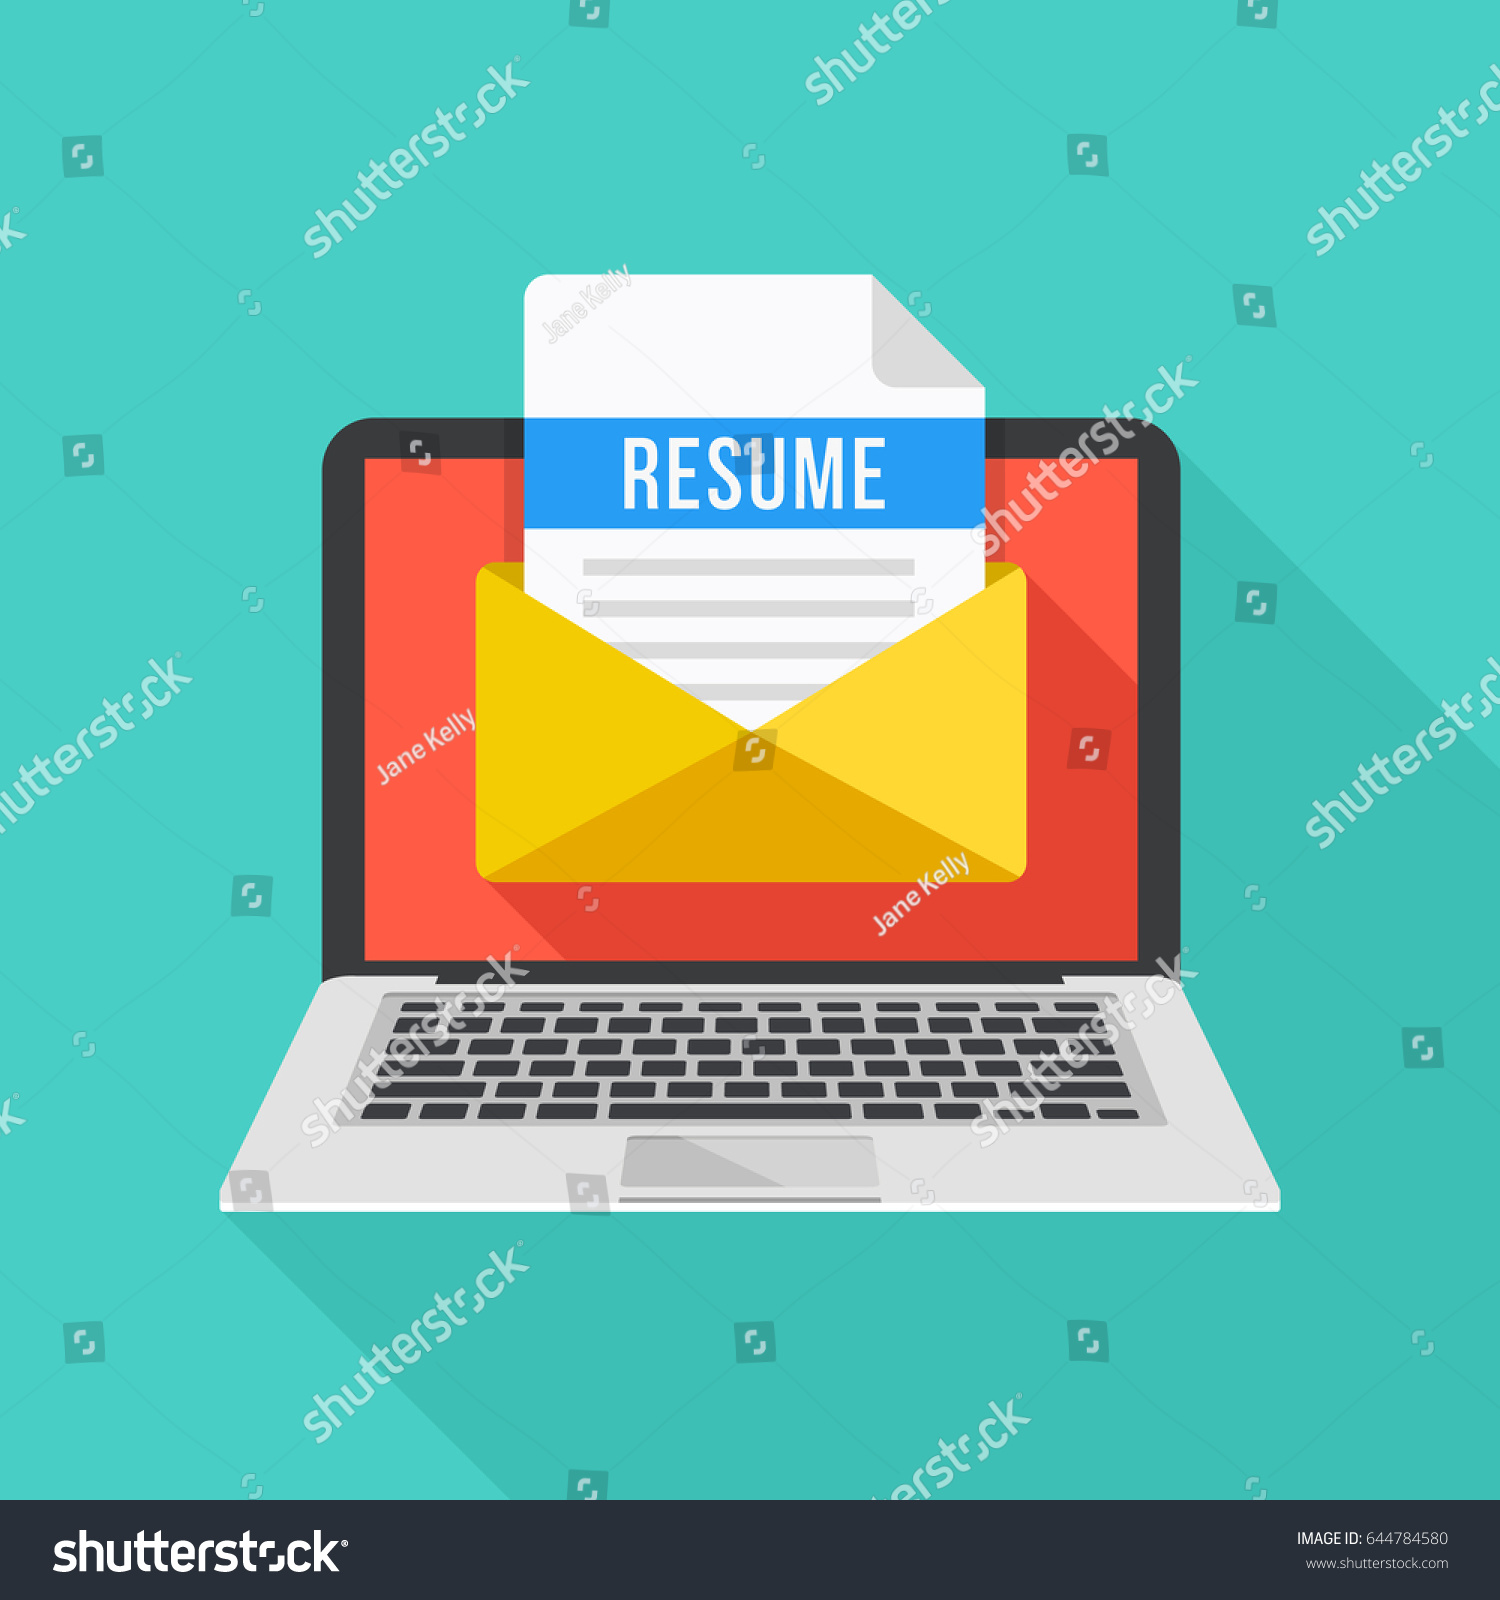 Laptop Envelope Resume Letter Email Cv Stock Vector 644784580